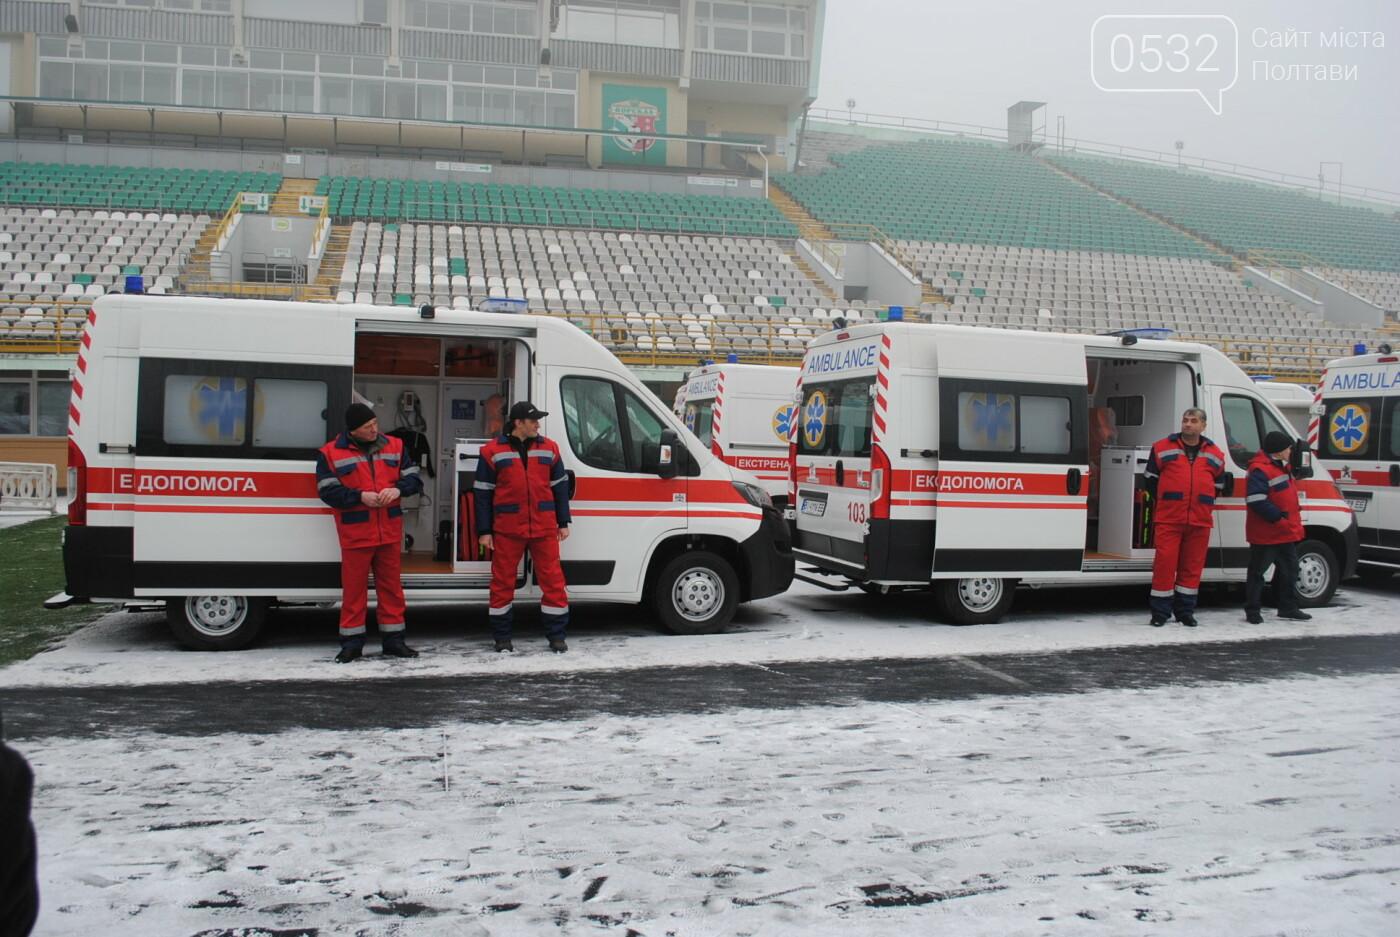 До Полтавського автопарку екстреної медичної допомоги надійшло 103 нових автомобіля, фото-3